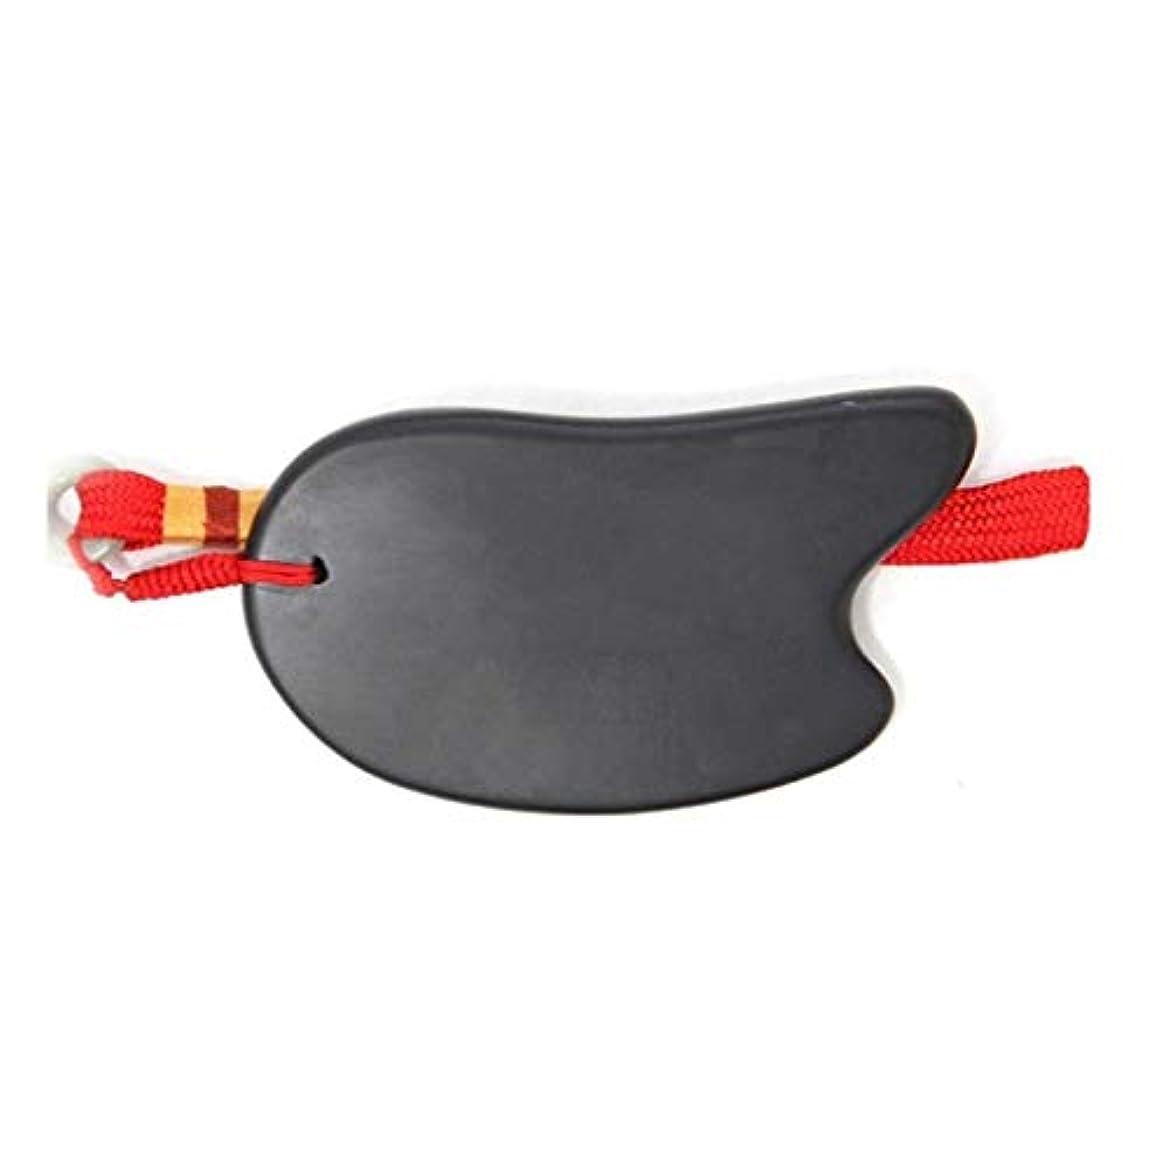 ニッケル揺れるバレーボールGua Shaスクレイピングマッサージツール-手作りGuashaボード-顔と体のSPA鍼治療のトリガーポイント治療のための素晴らしいツール